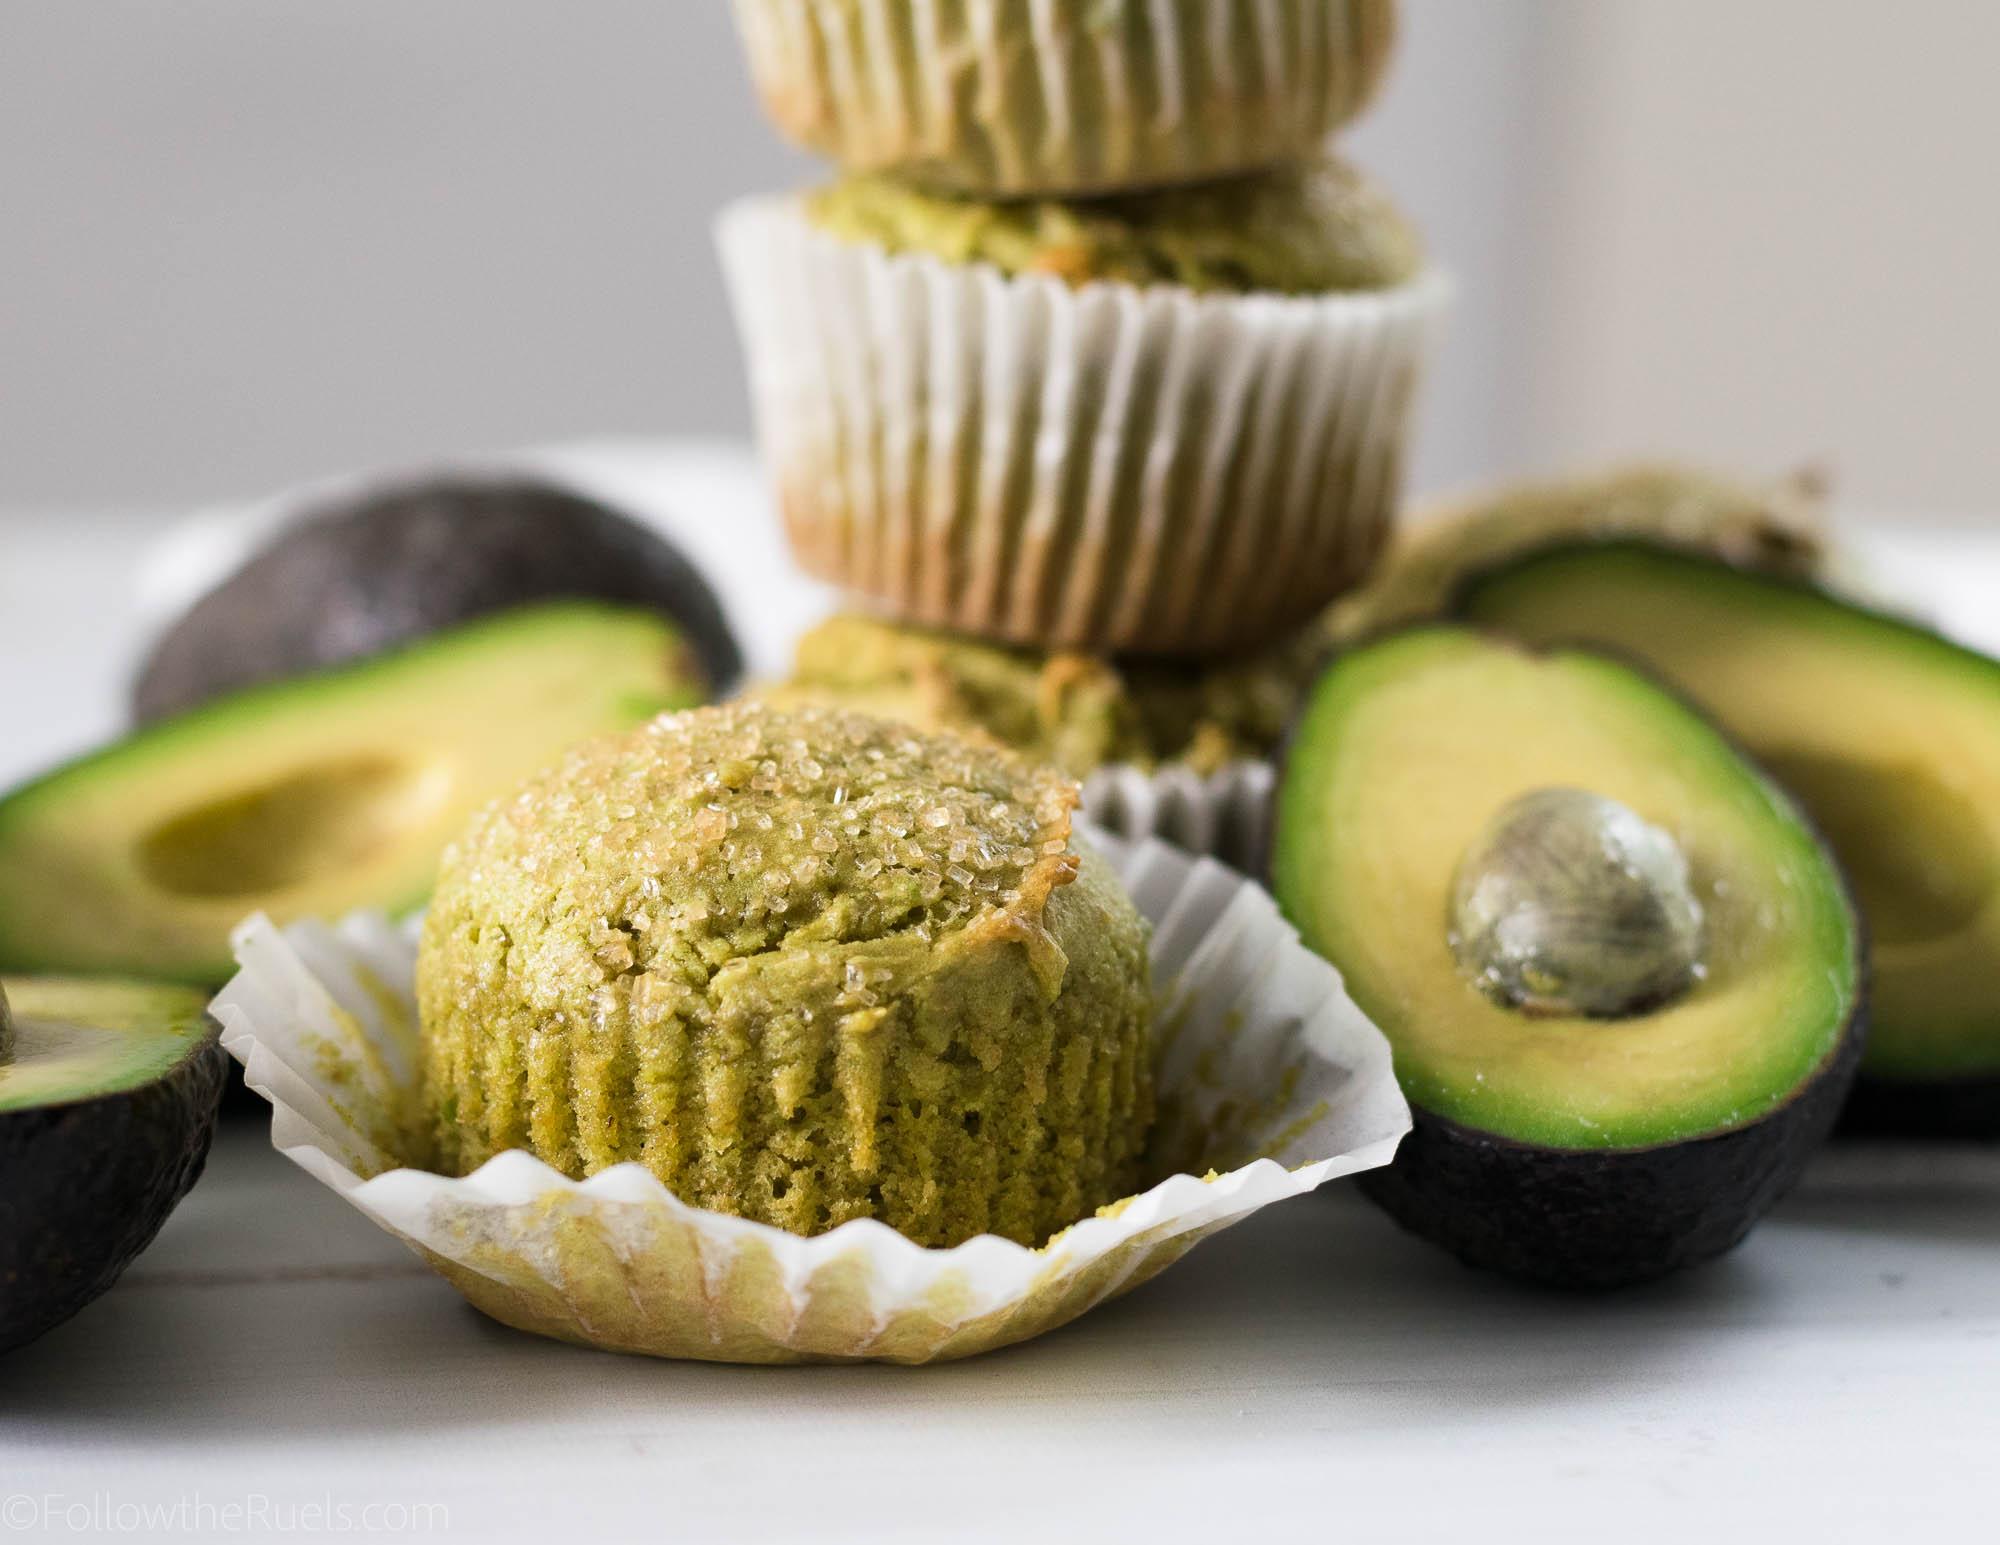 Avocado-Muffins-8.jpg